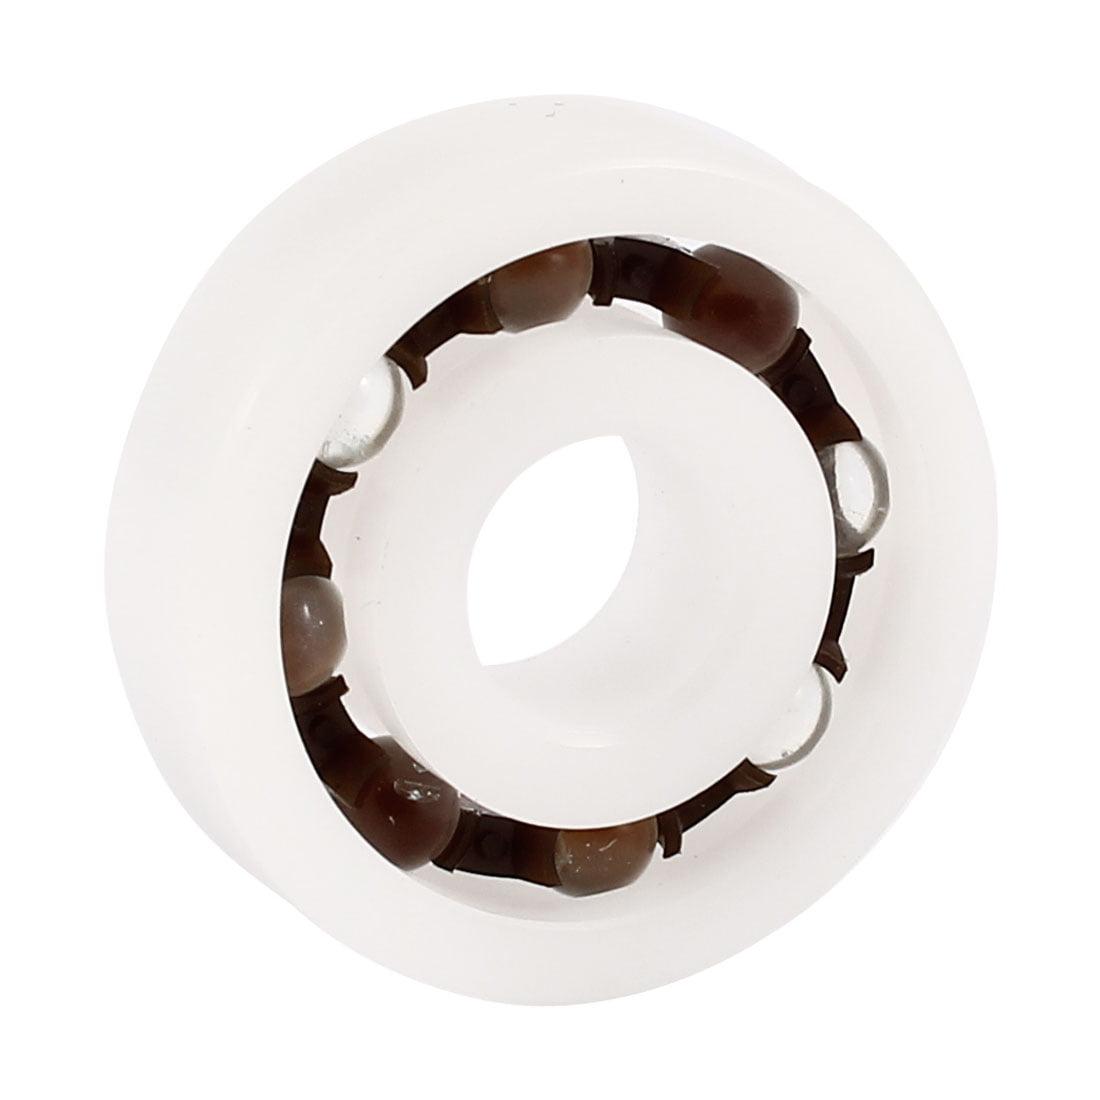 POM blanc plastique Verre Roulement à billes radiaux à gorge profonde 6200 10x30x9mm - image 1 de 1